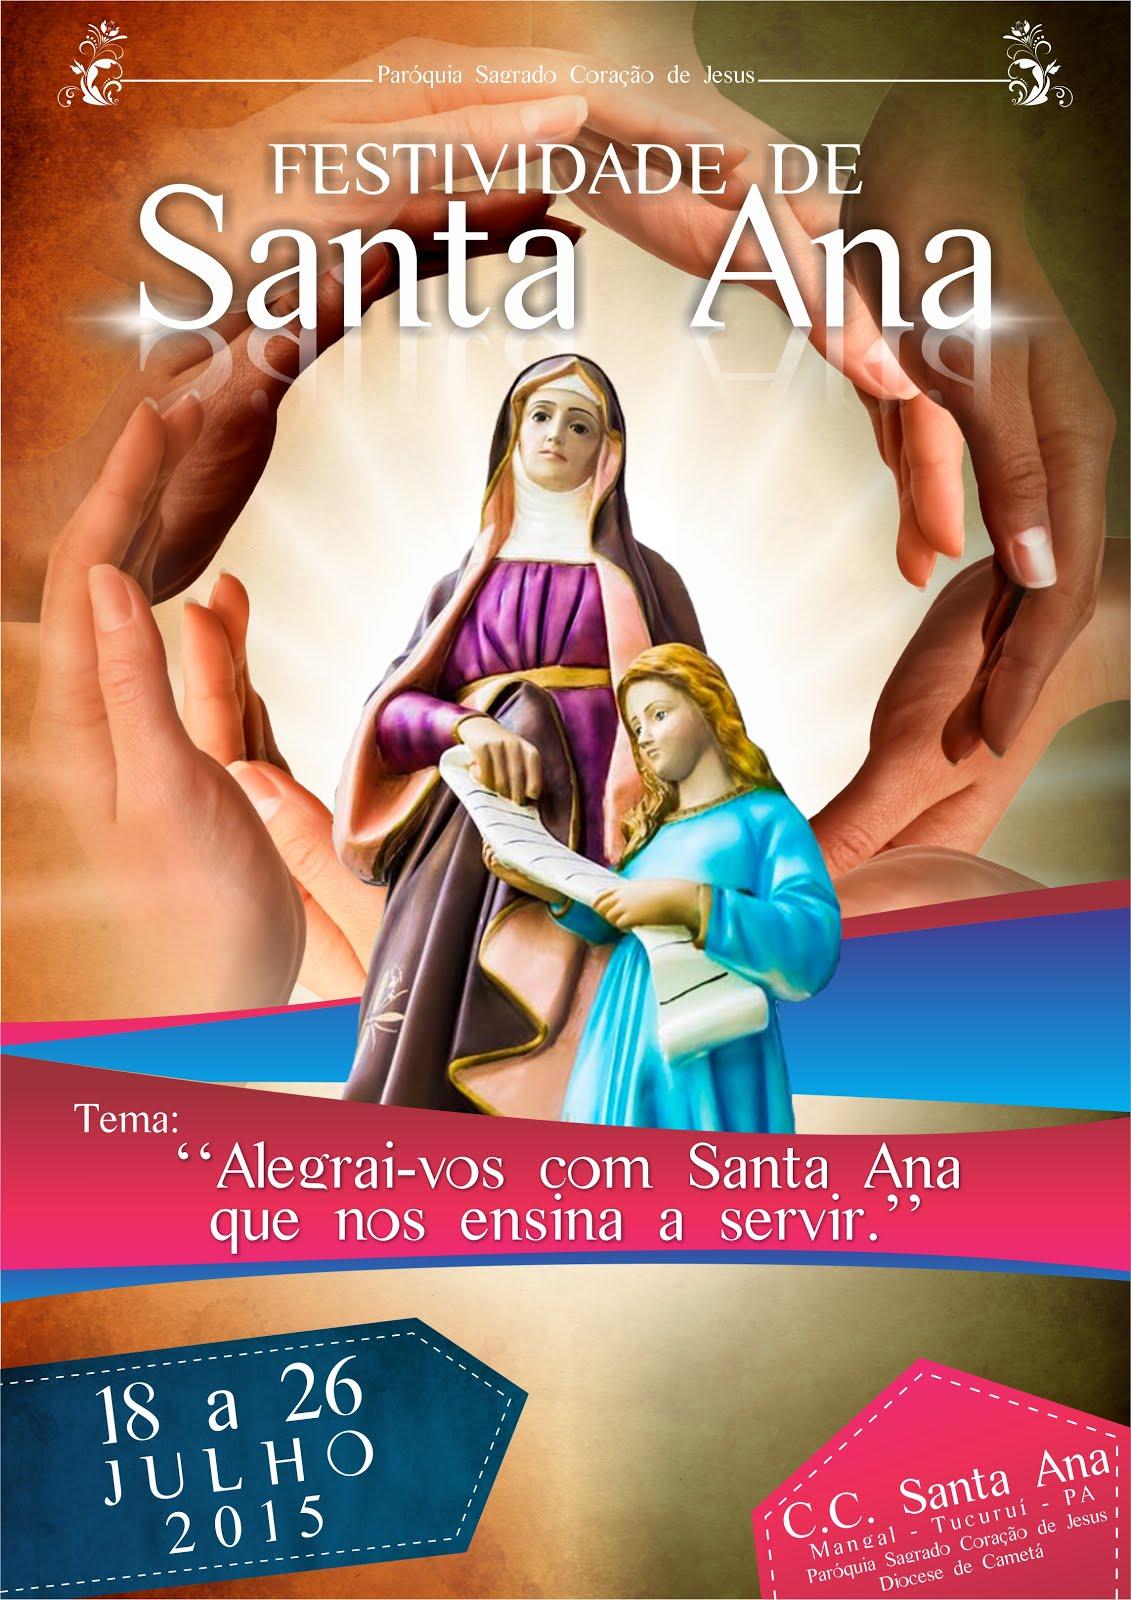 FESTIVIDADE DE SANTA ANA - Período de 18 a 26 de Julho de 2015 - Bairro de Mangal - Tucuruí - Pará